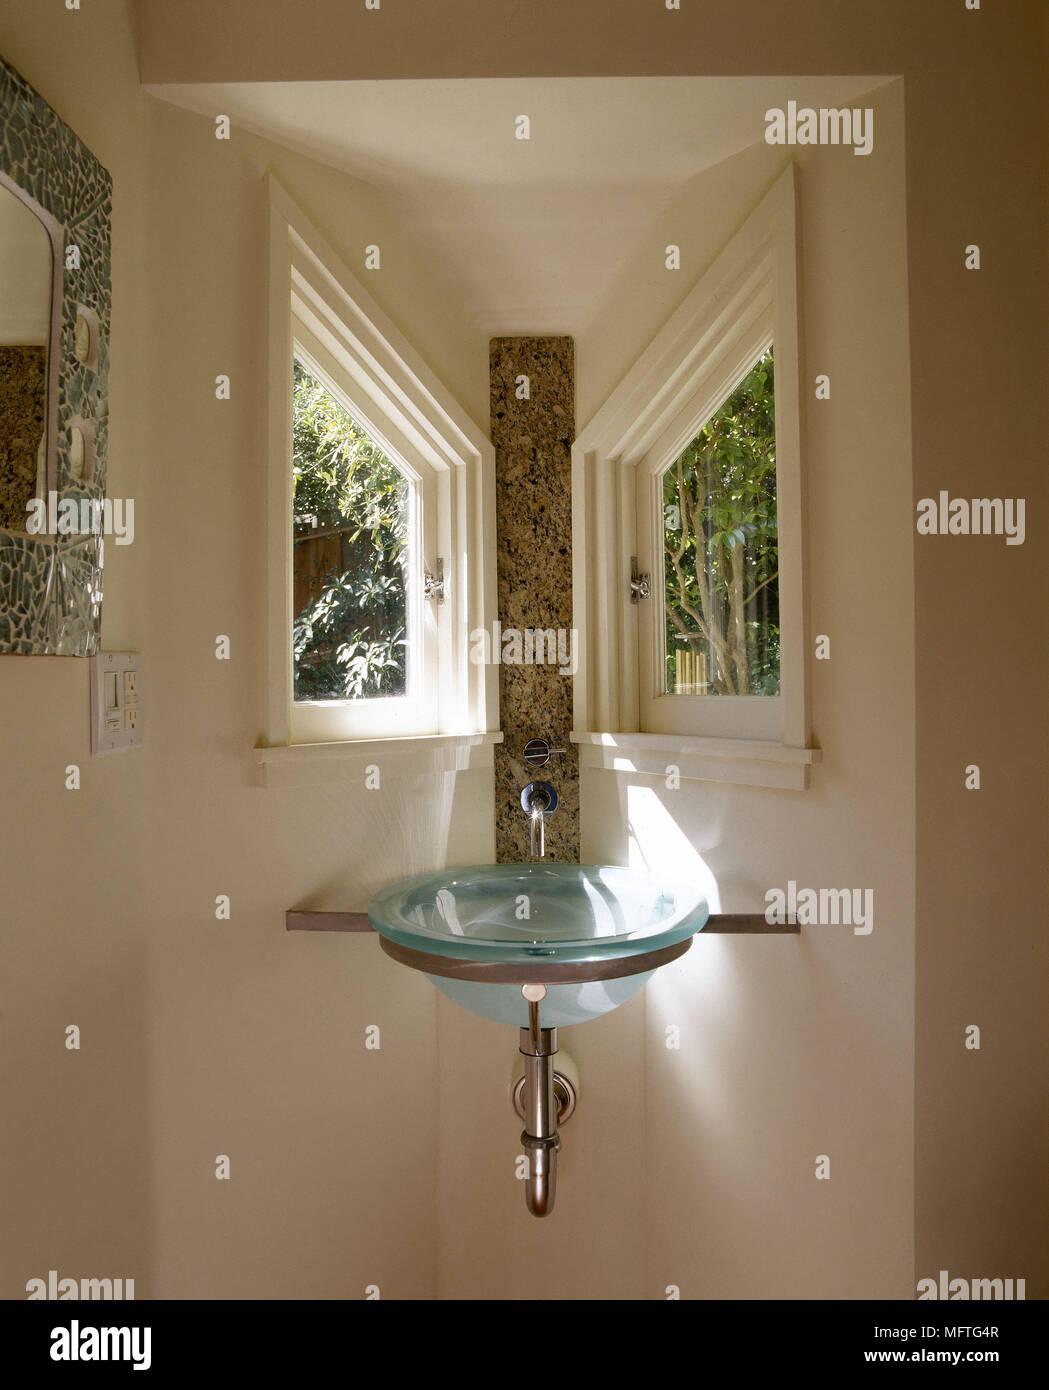 Salle de bains moderne en verre détail lavabo situé dans l ...